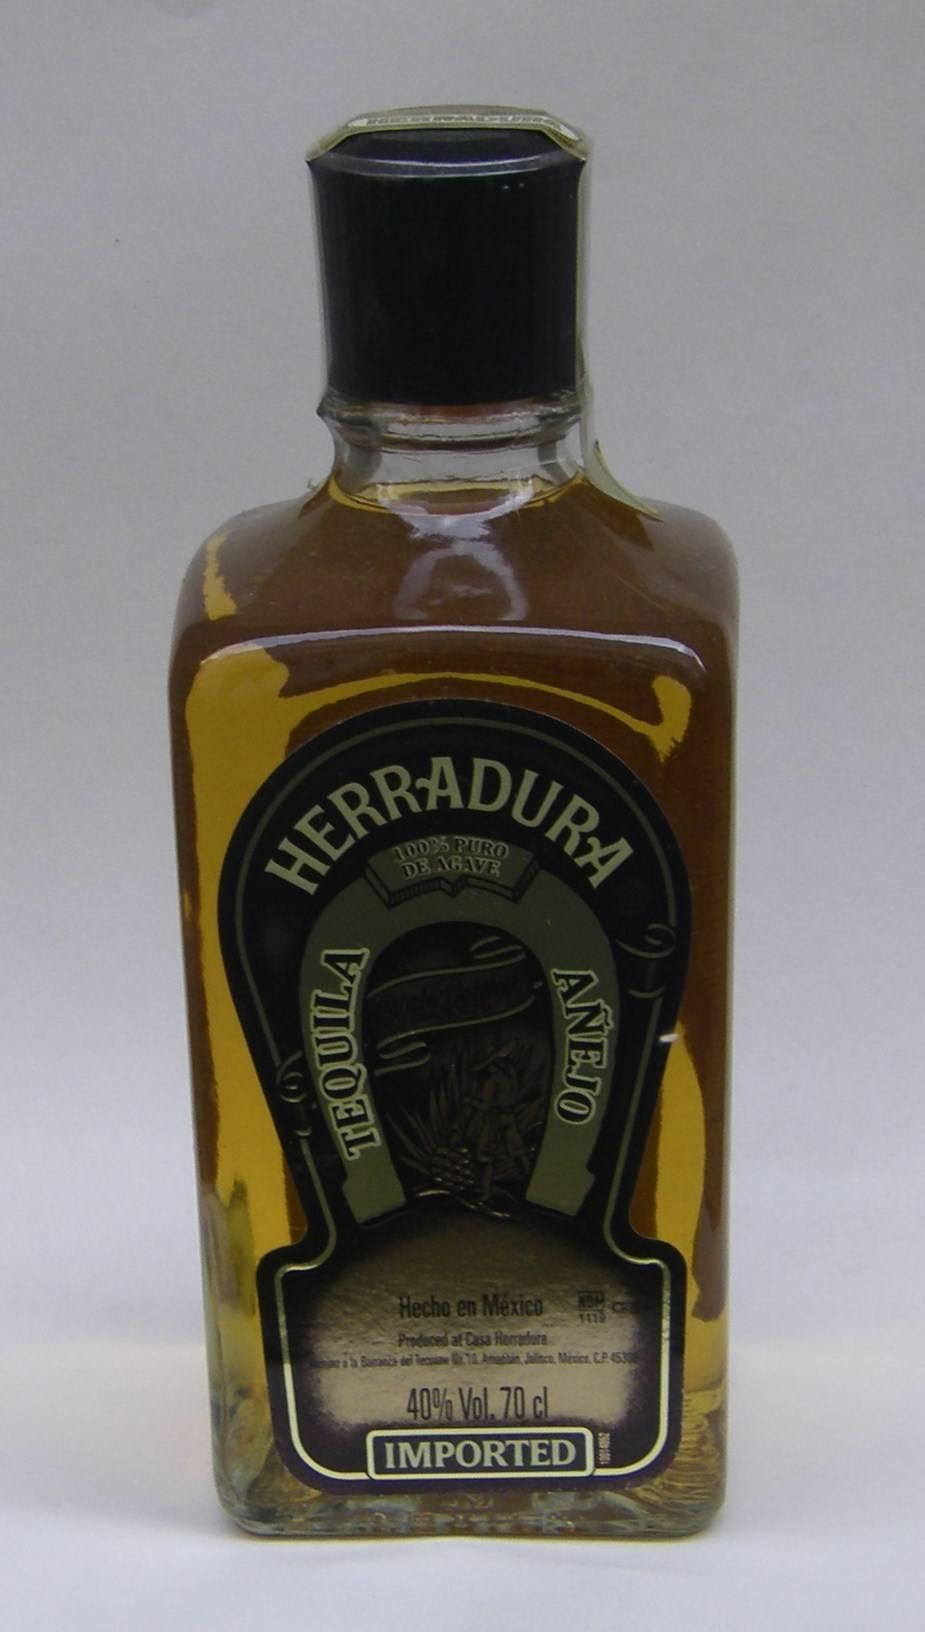 Обзор текилы herradura (эррадура)